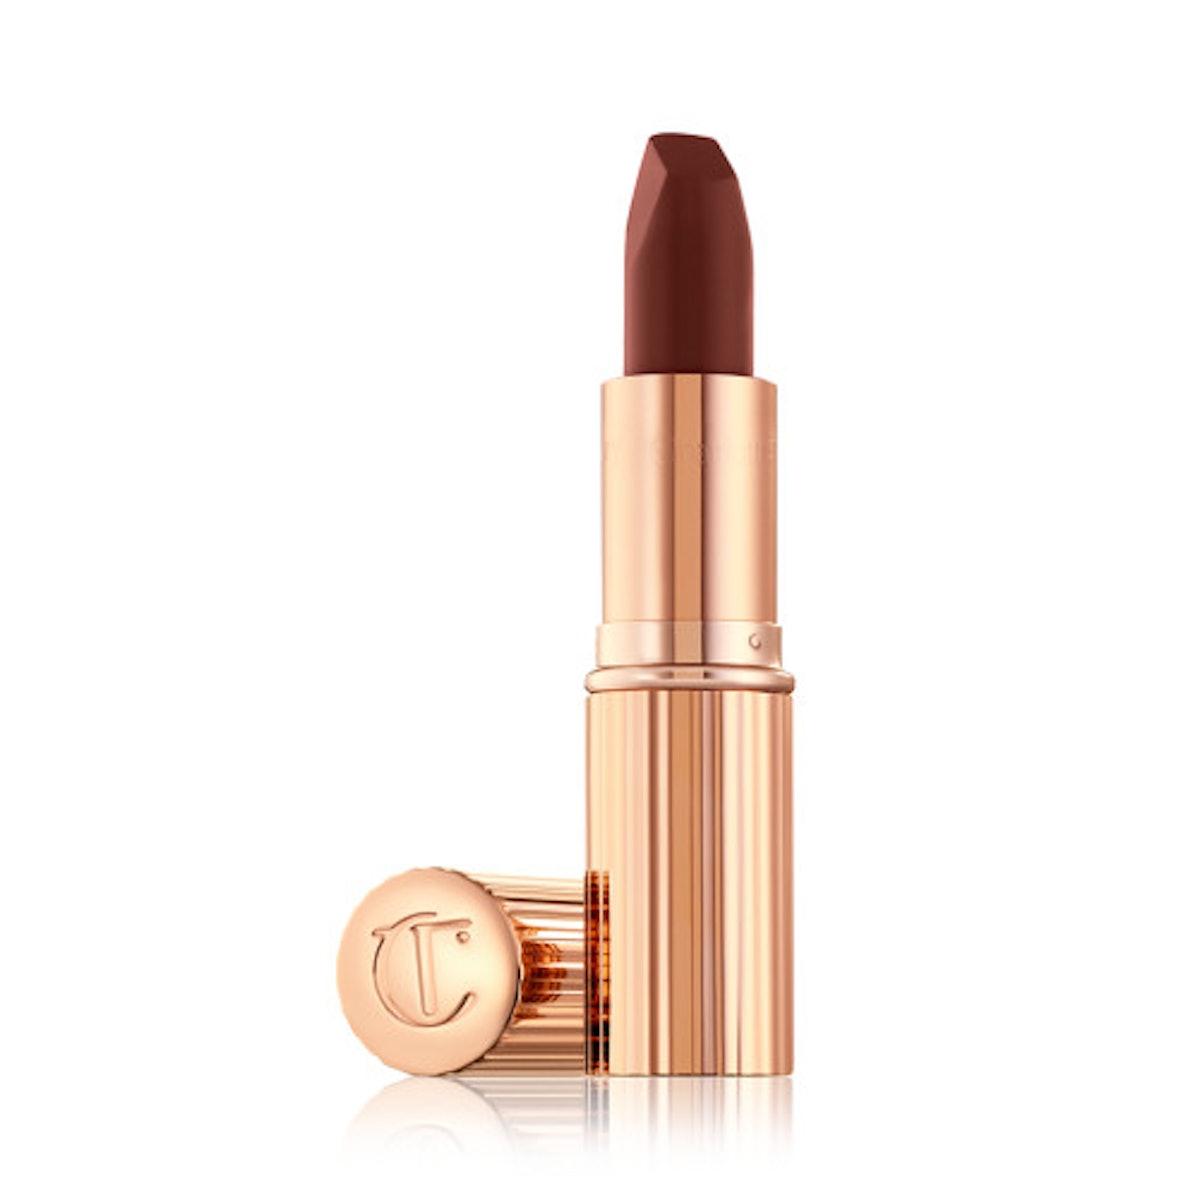 Matte Revolution Lipstick in So 90s